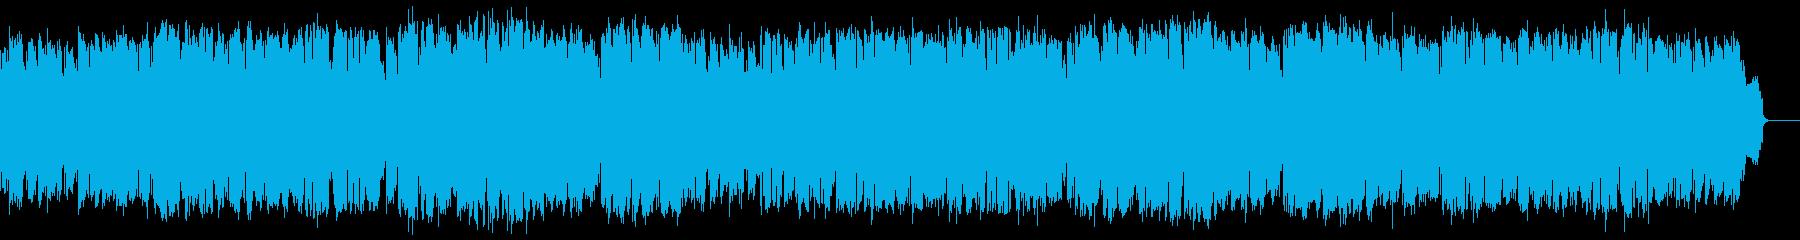 昭和レトロ溢れるビギーンをソプラノで歌うの再生済みの波形